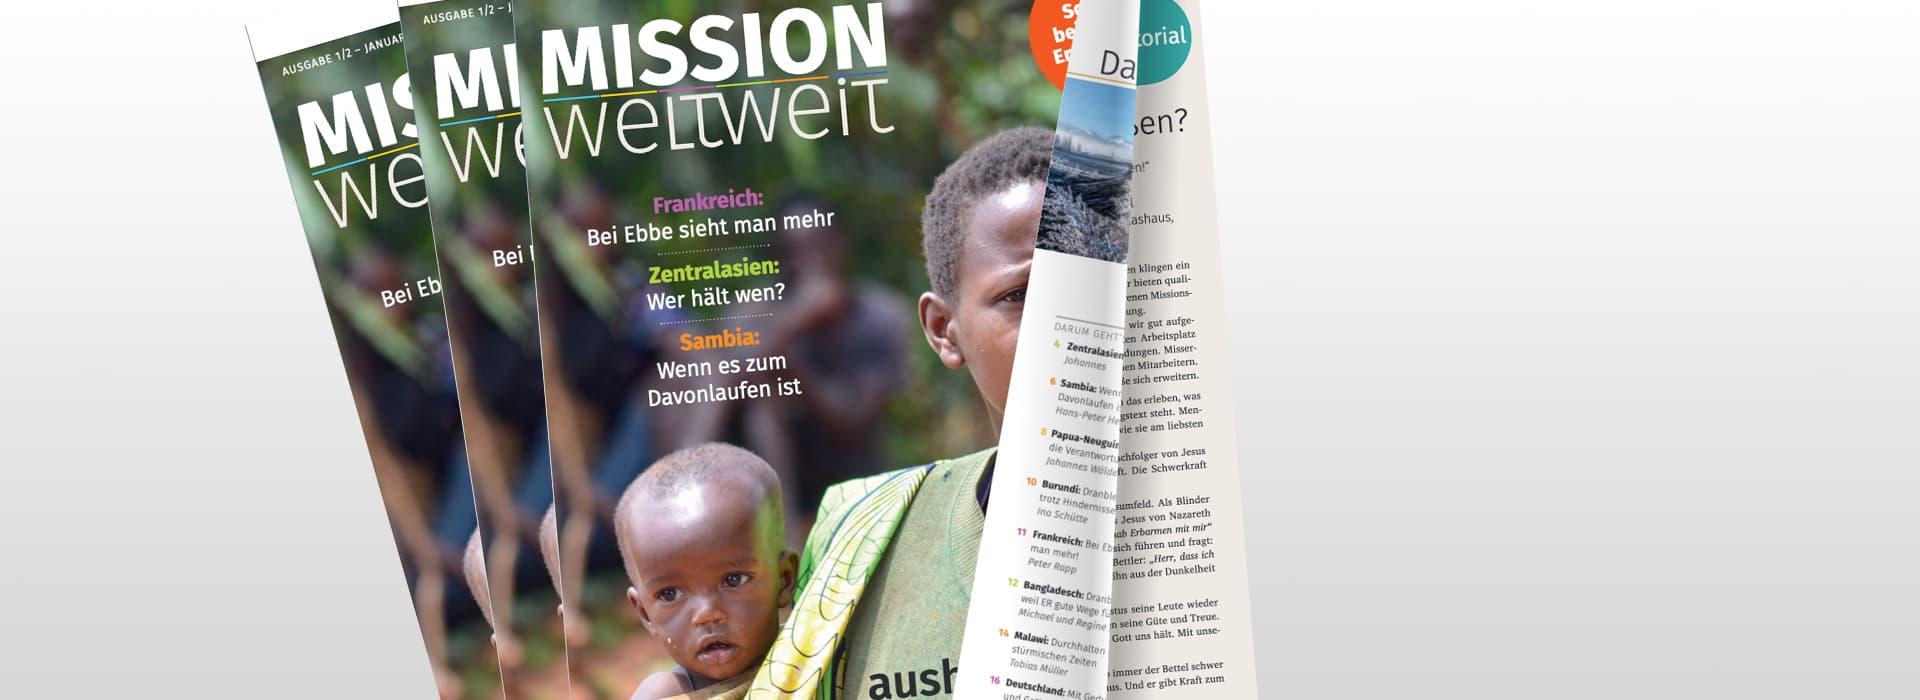 MISSION weltweit